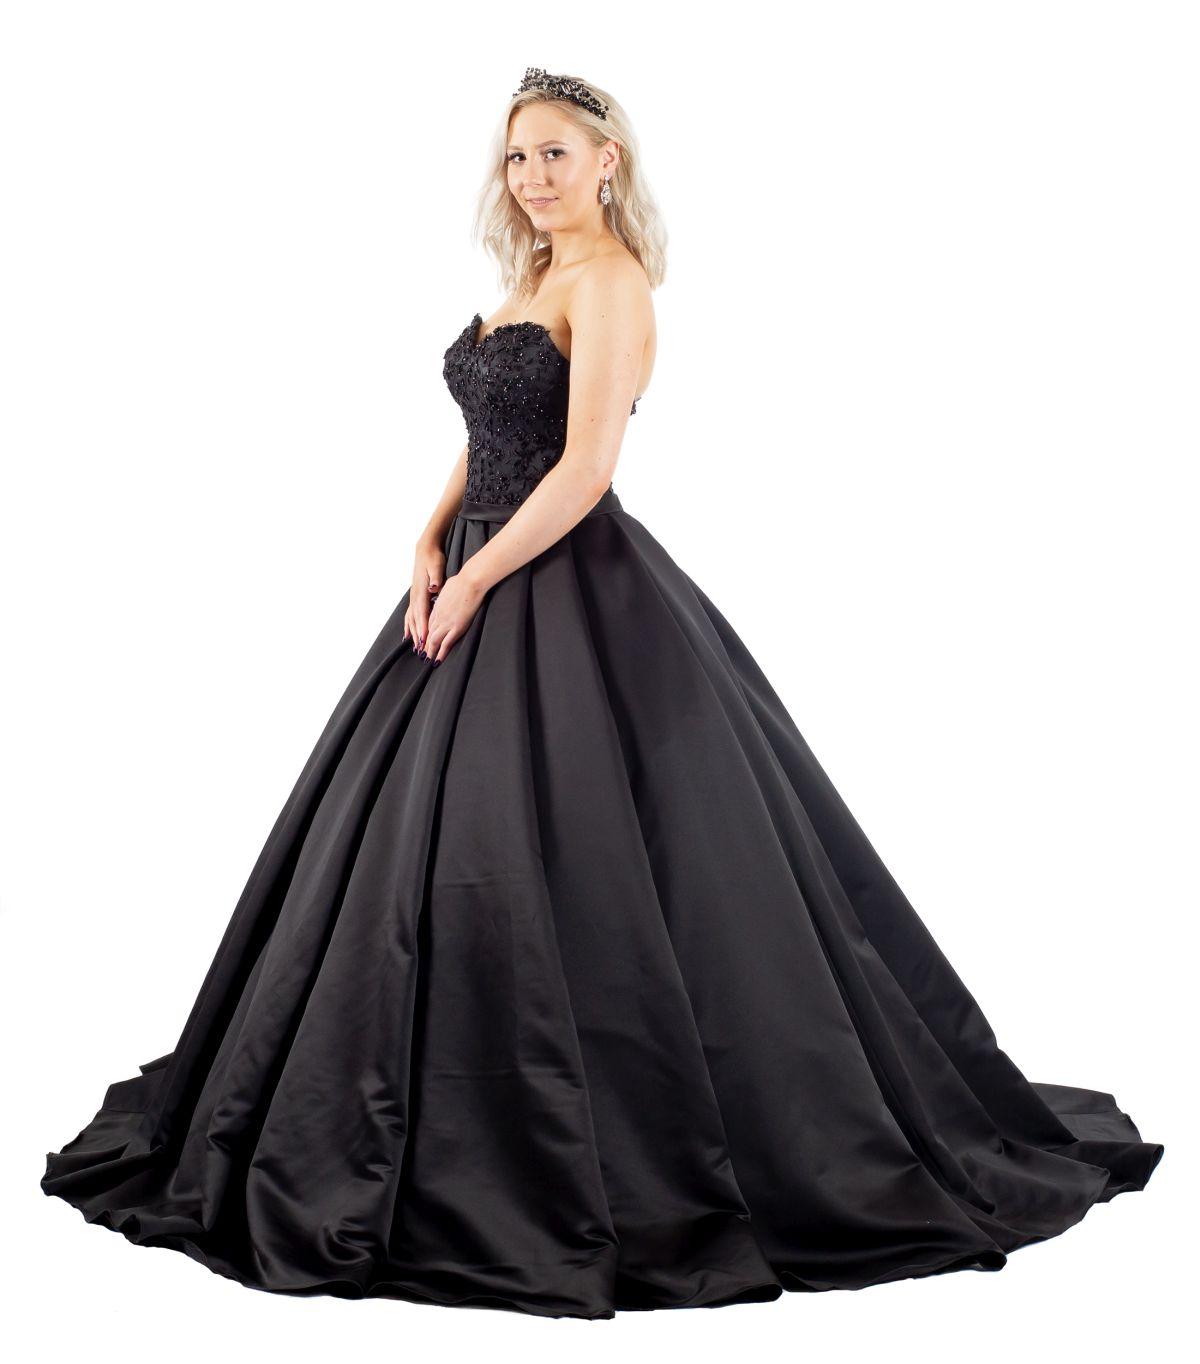 Rebeca schwarzes Brautkleid vorderansicht